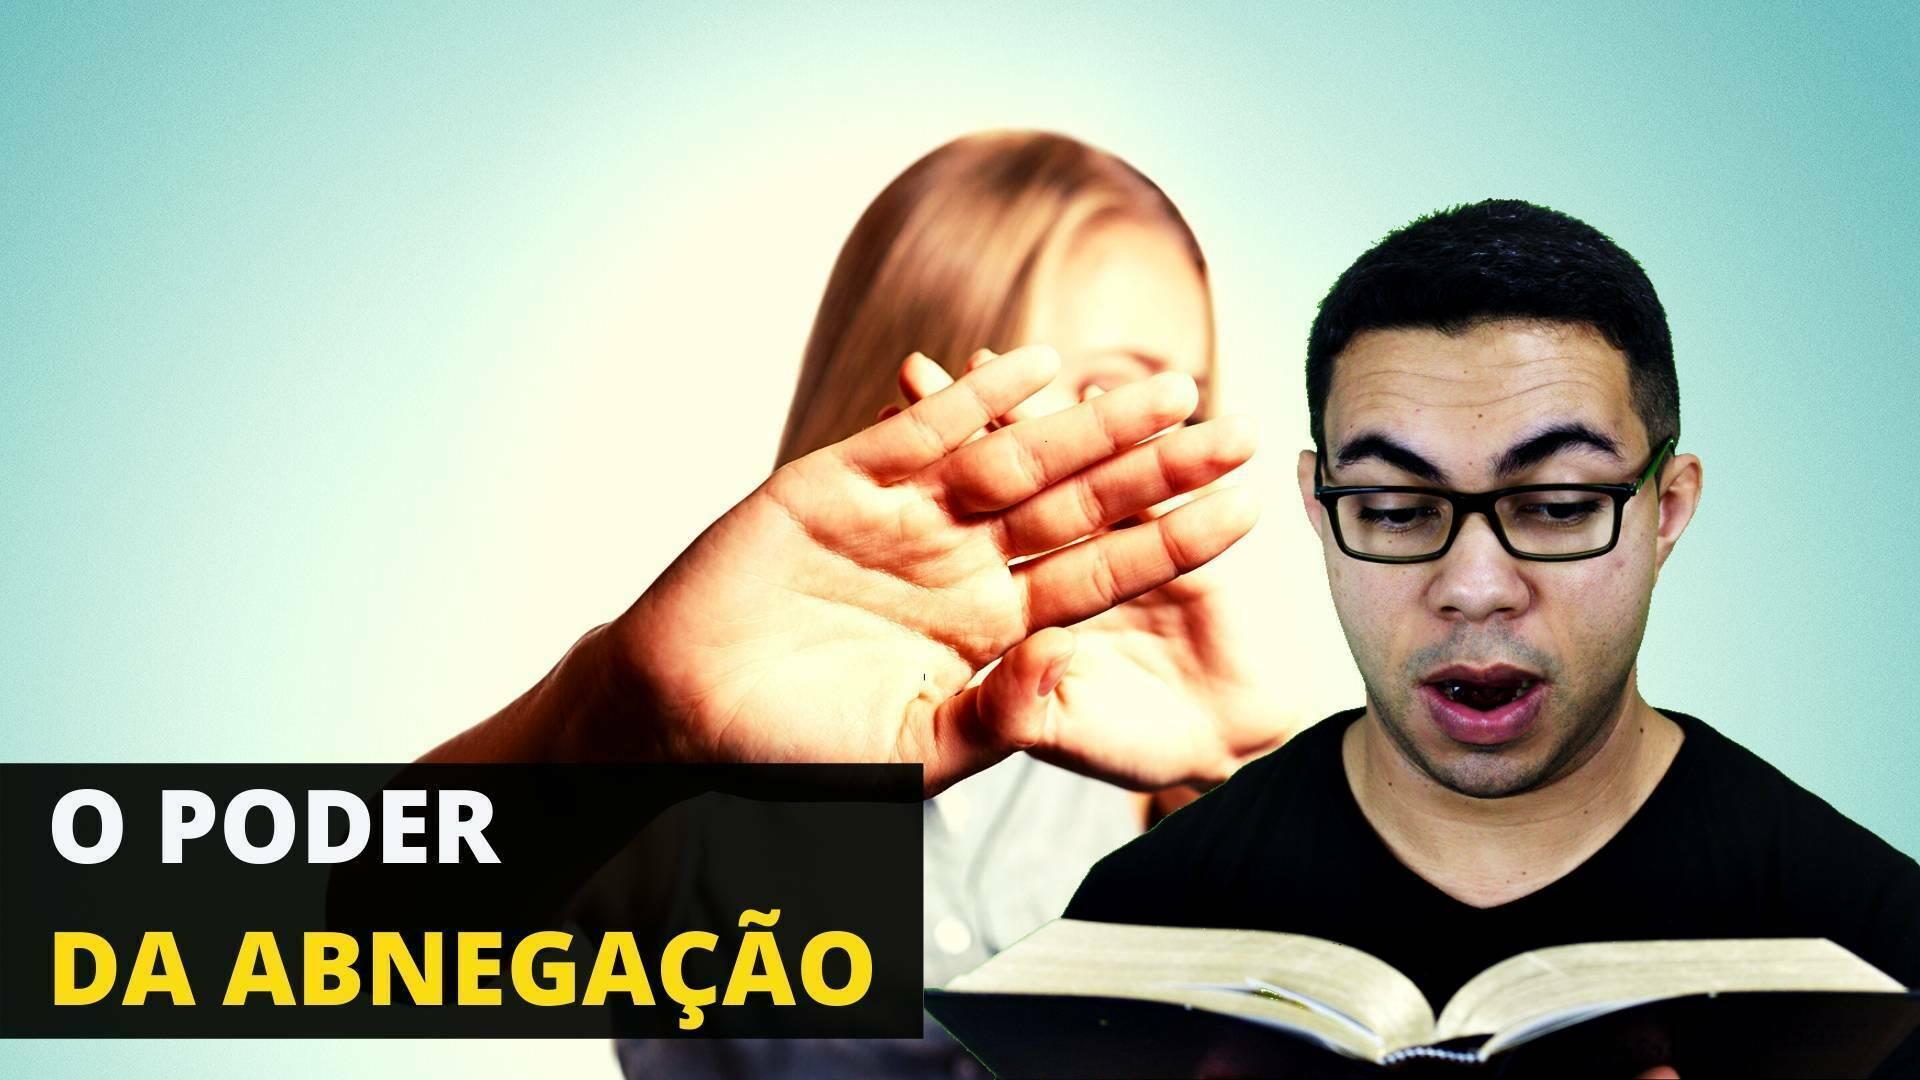 A Abnegação é a Poderosa Arma do Cristão